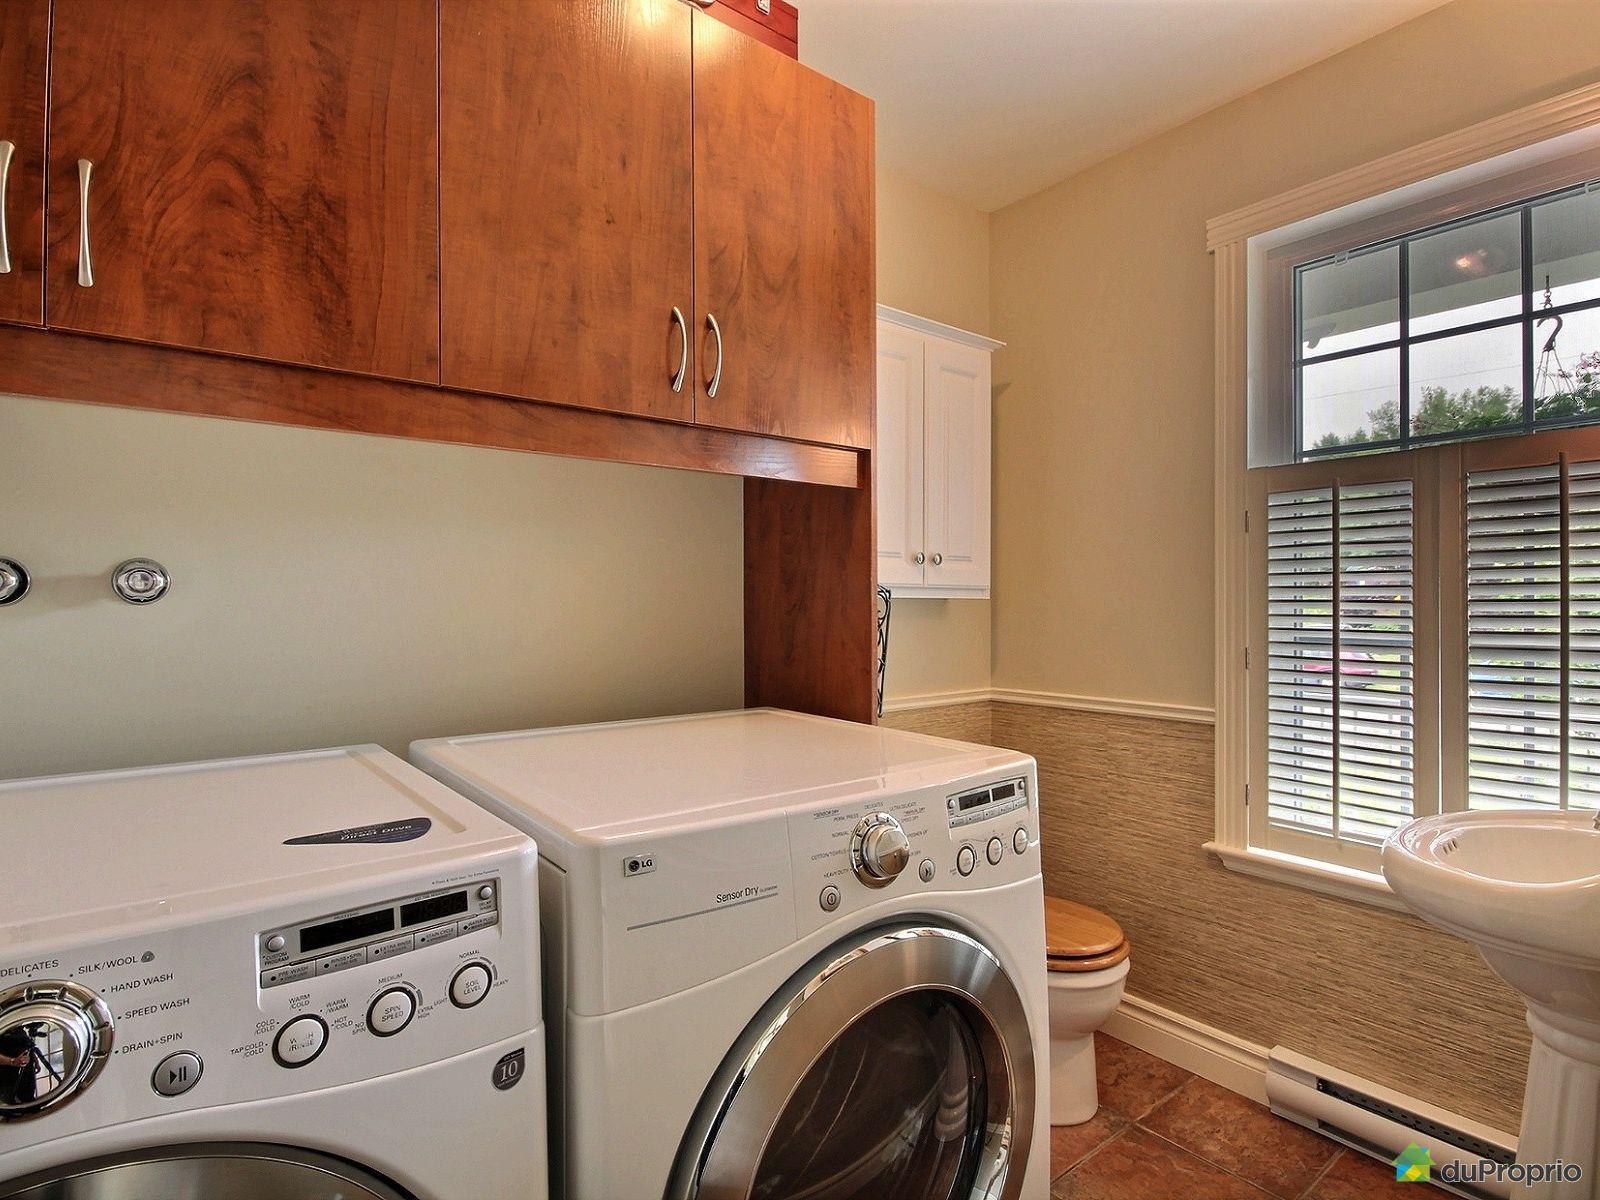 Maison vendre rimouski 97 rue de la pin de immobilier for Auberge de la vieille maison rimouski